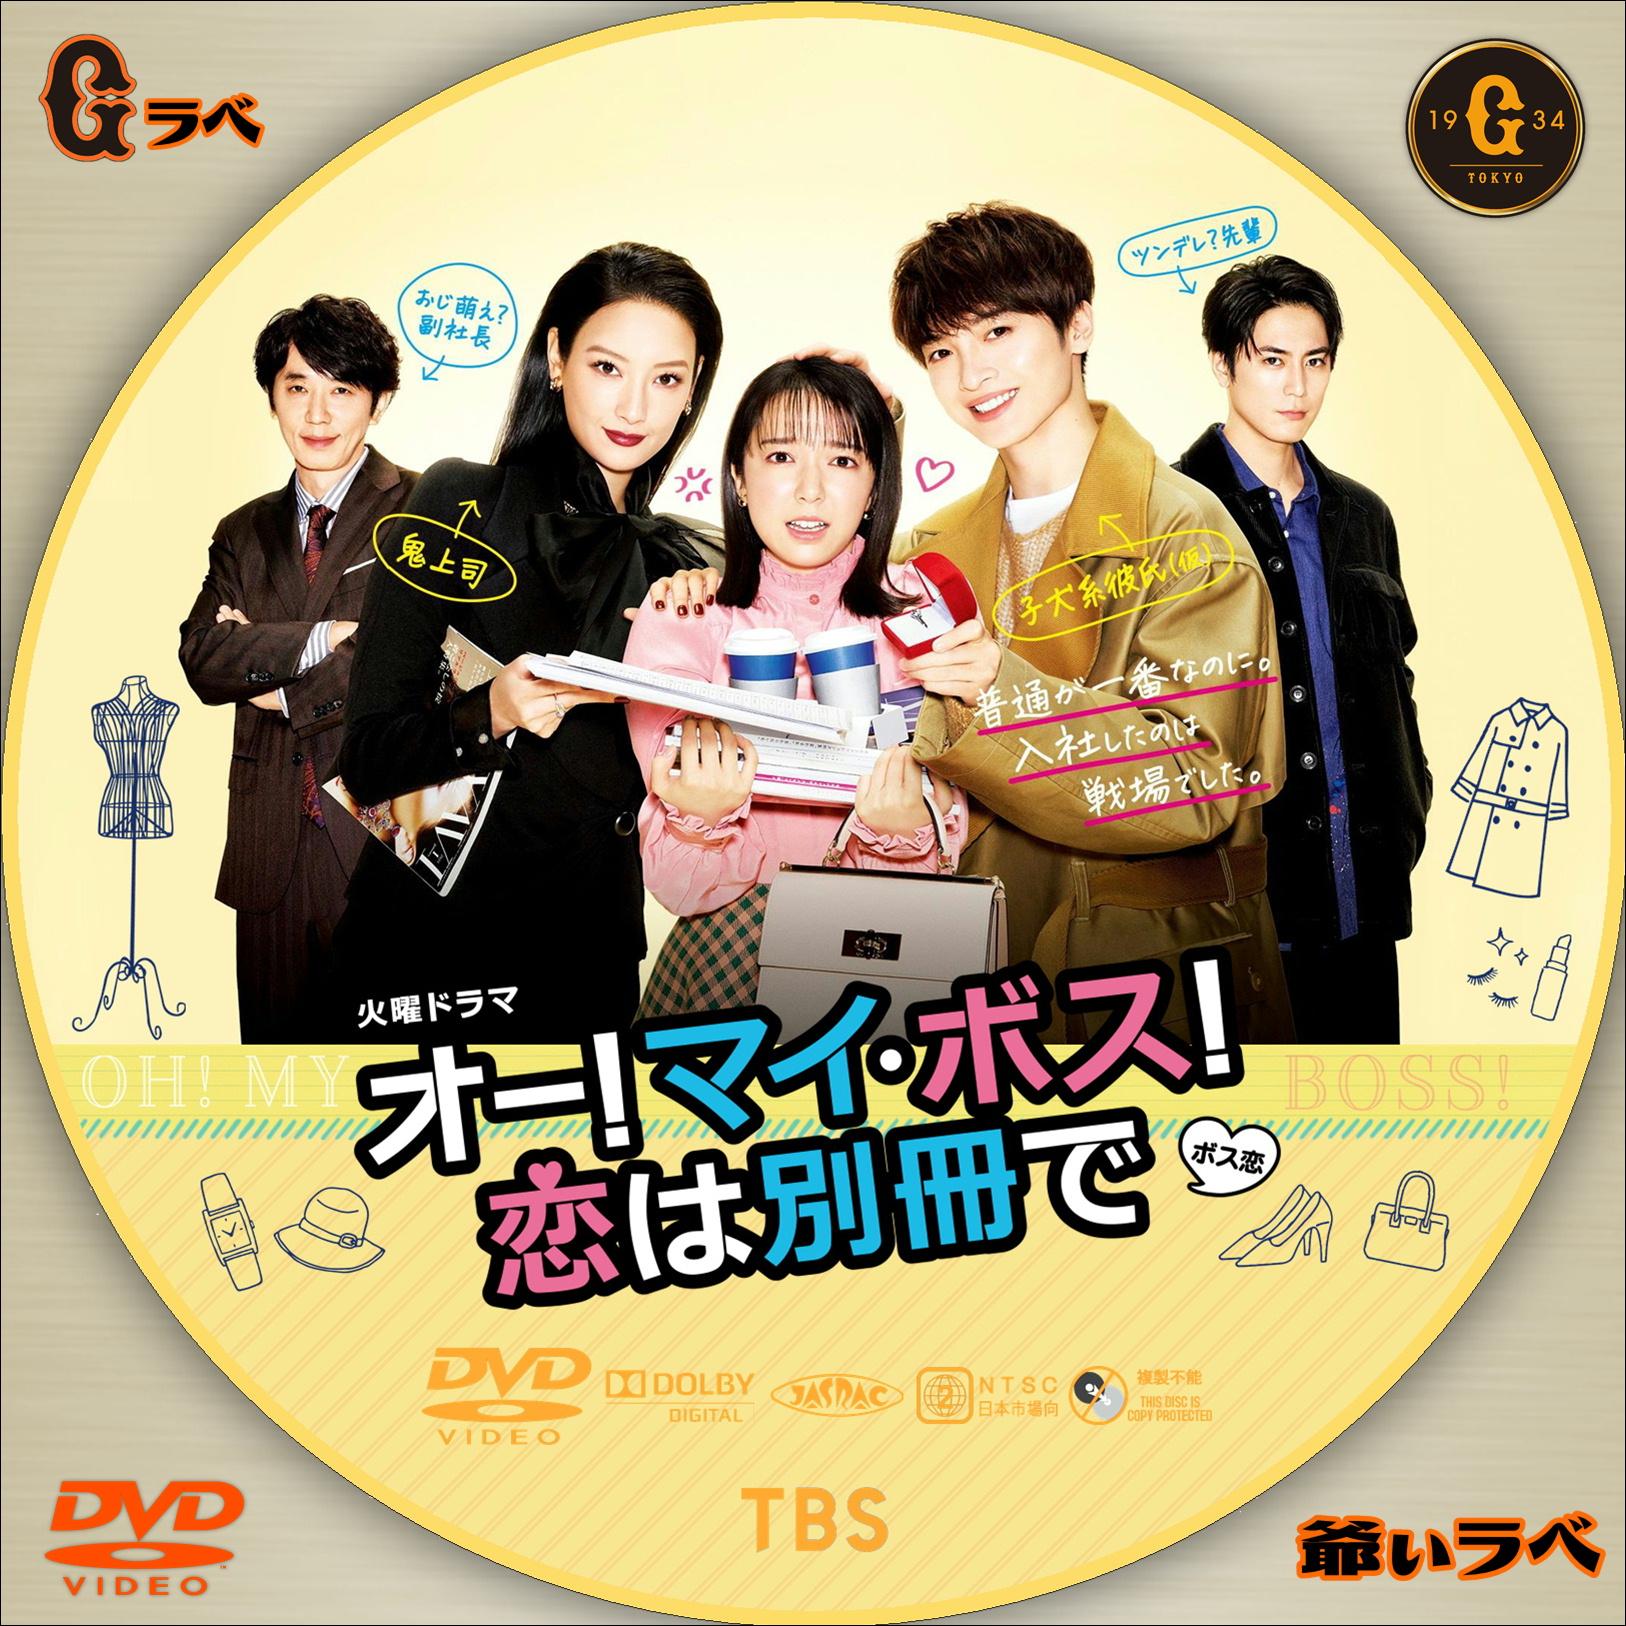 オー!マイ・ボス! 恋は別冊で(DVD)